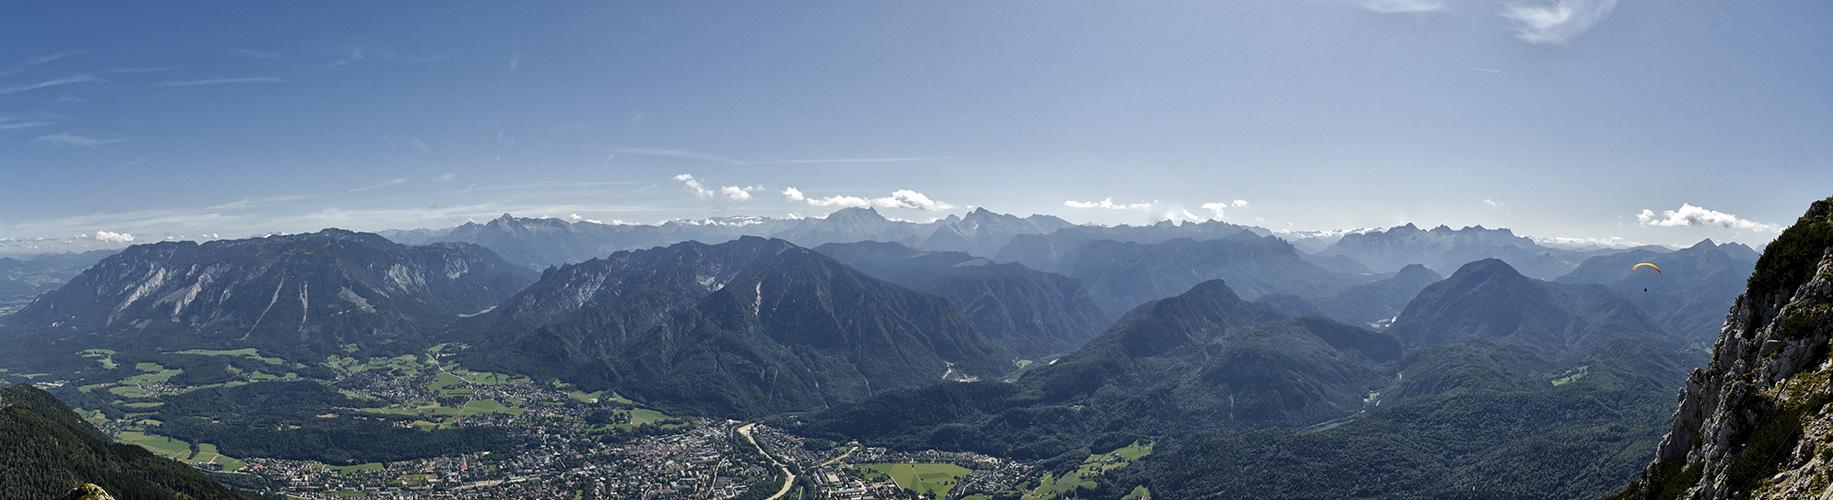 Die Berchtesgadener Alpen vom Reichenhaller Haus 2